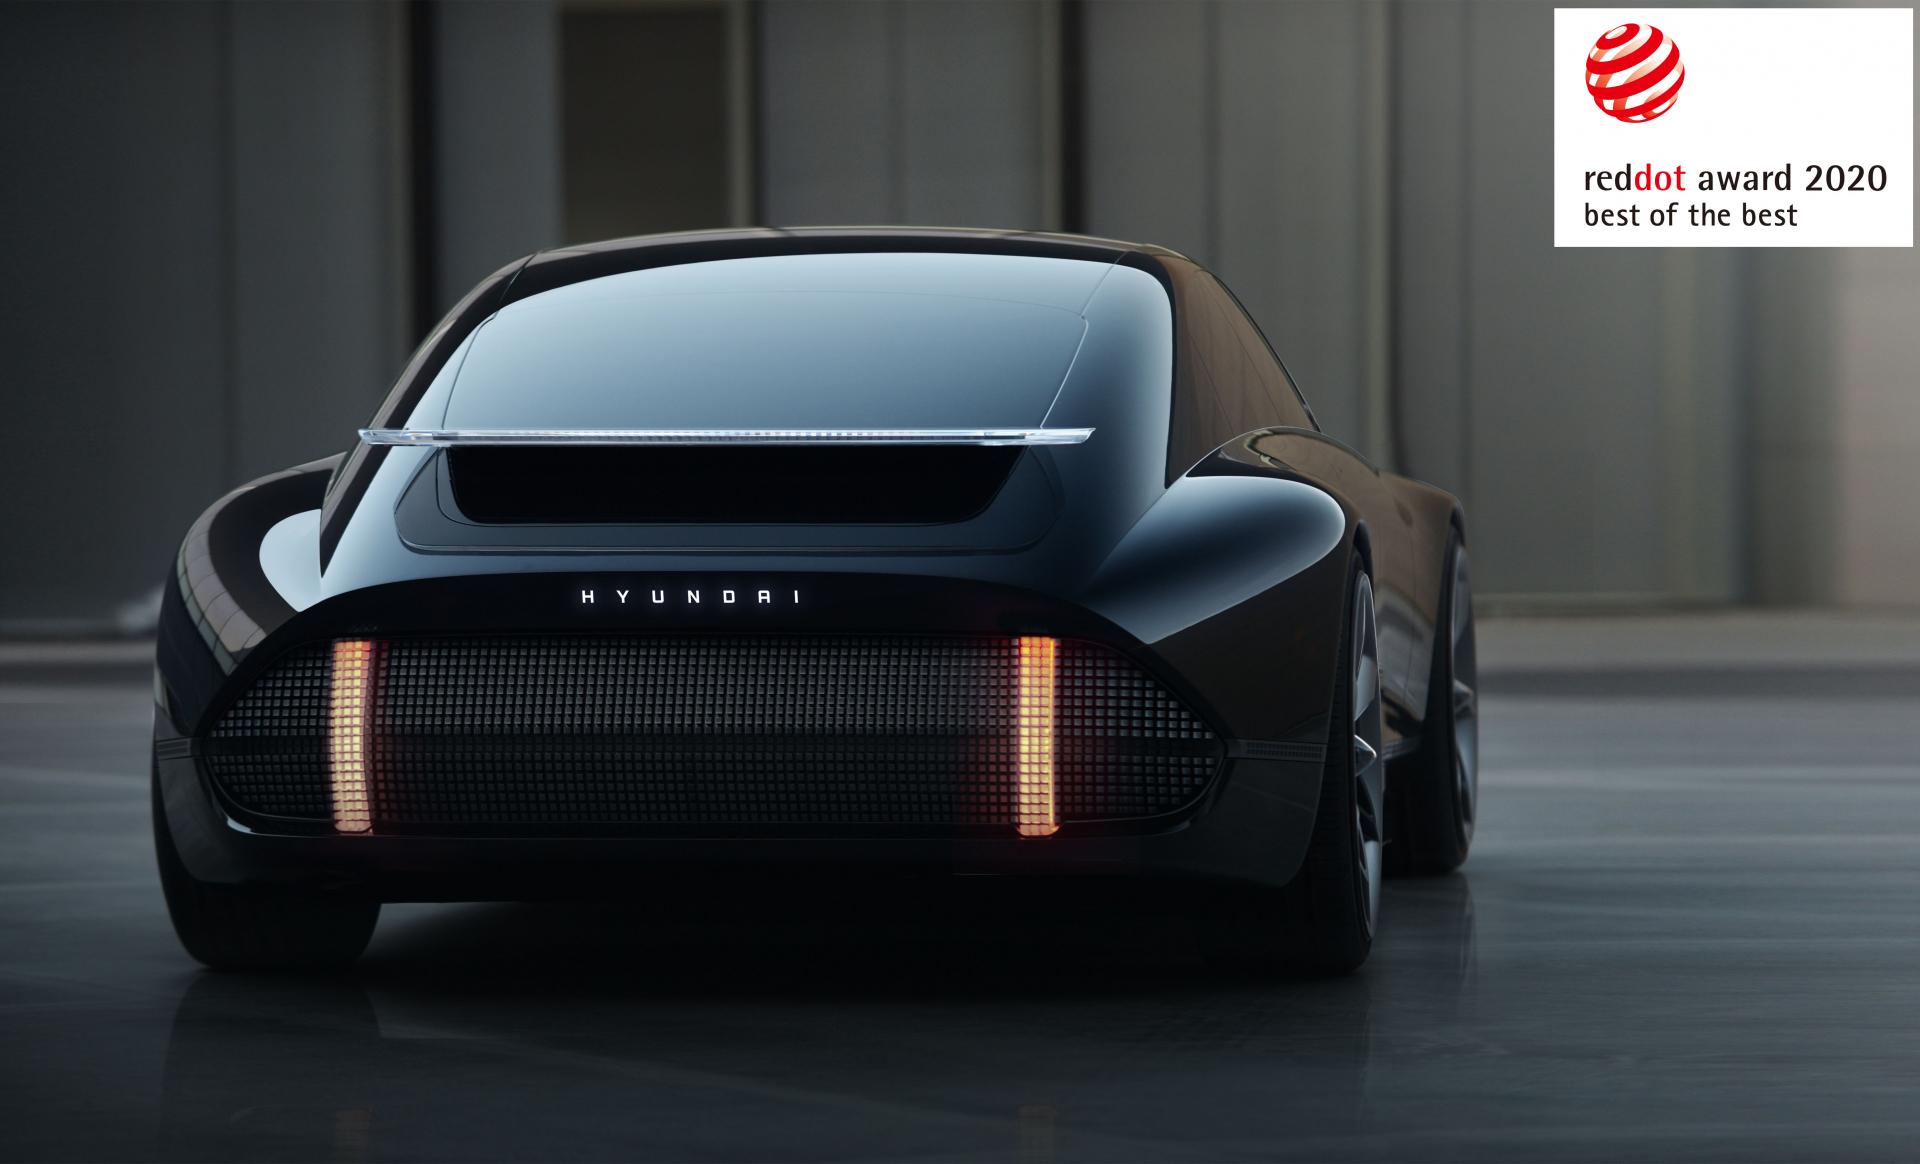 Компанія Hyundai Motor отримала три нагороди Red Dot Award 2020 за концептуальний дизайн | БУГ АВТО - фото 13